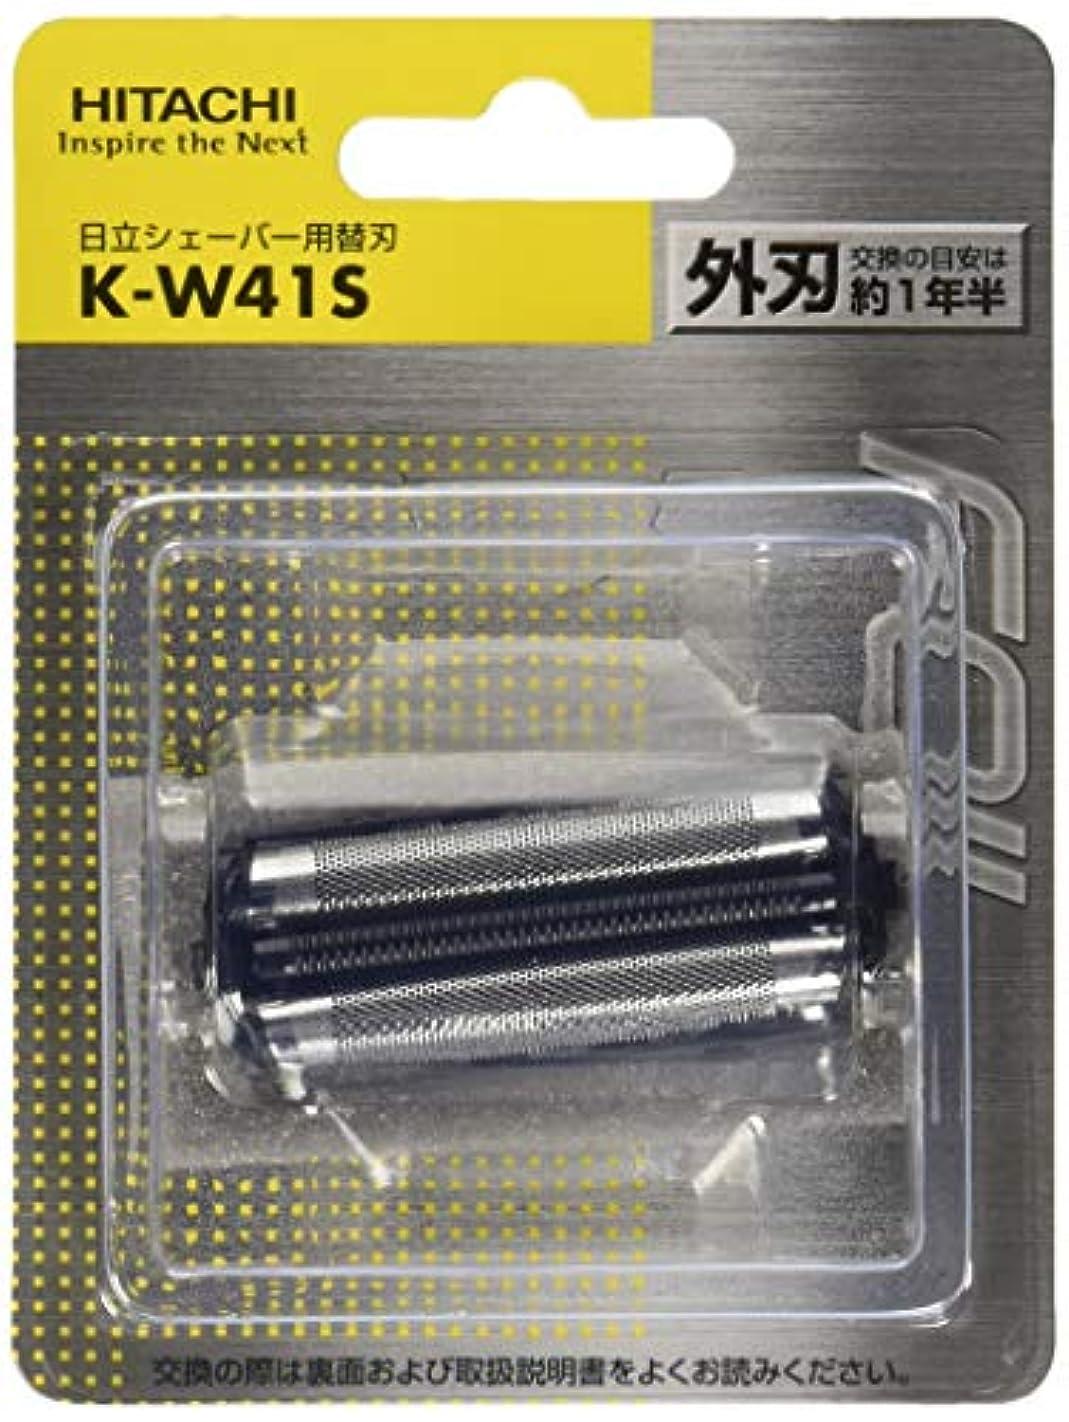 感謝祭思い出す系統的日立 シェーバー用替刃(外刃) K-W41S